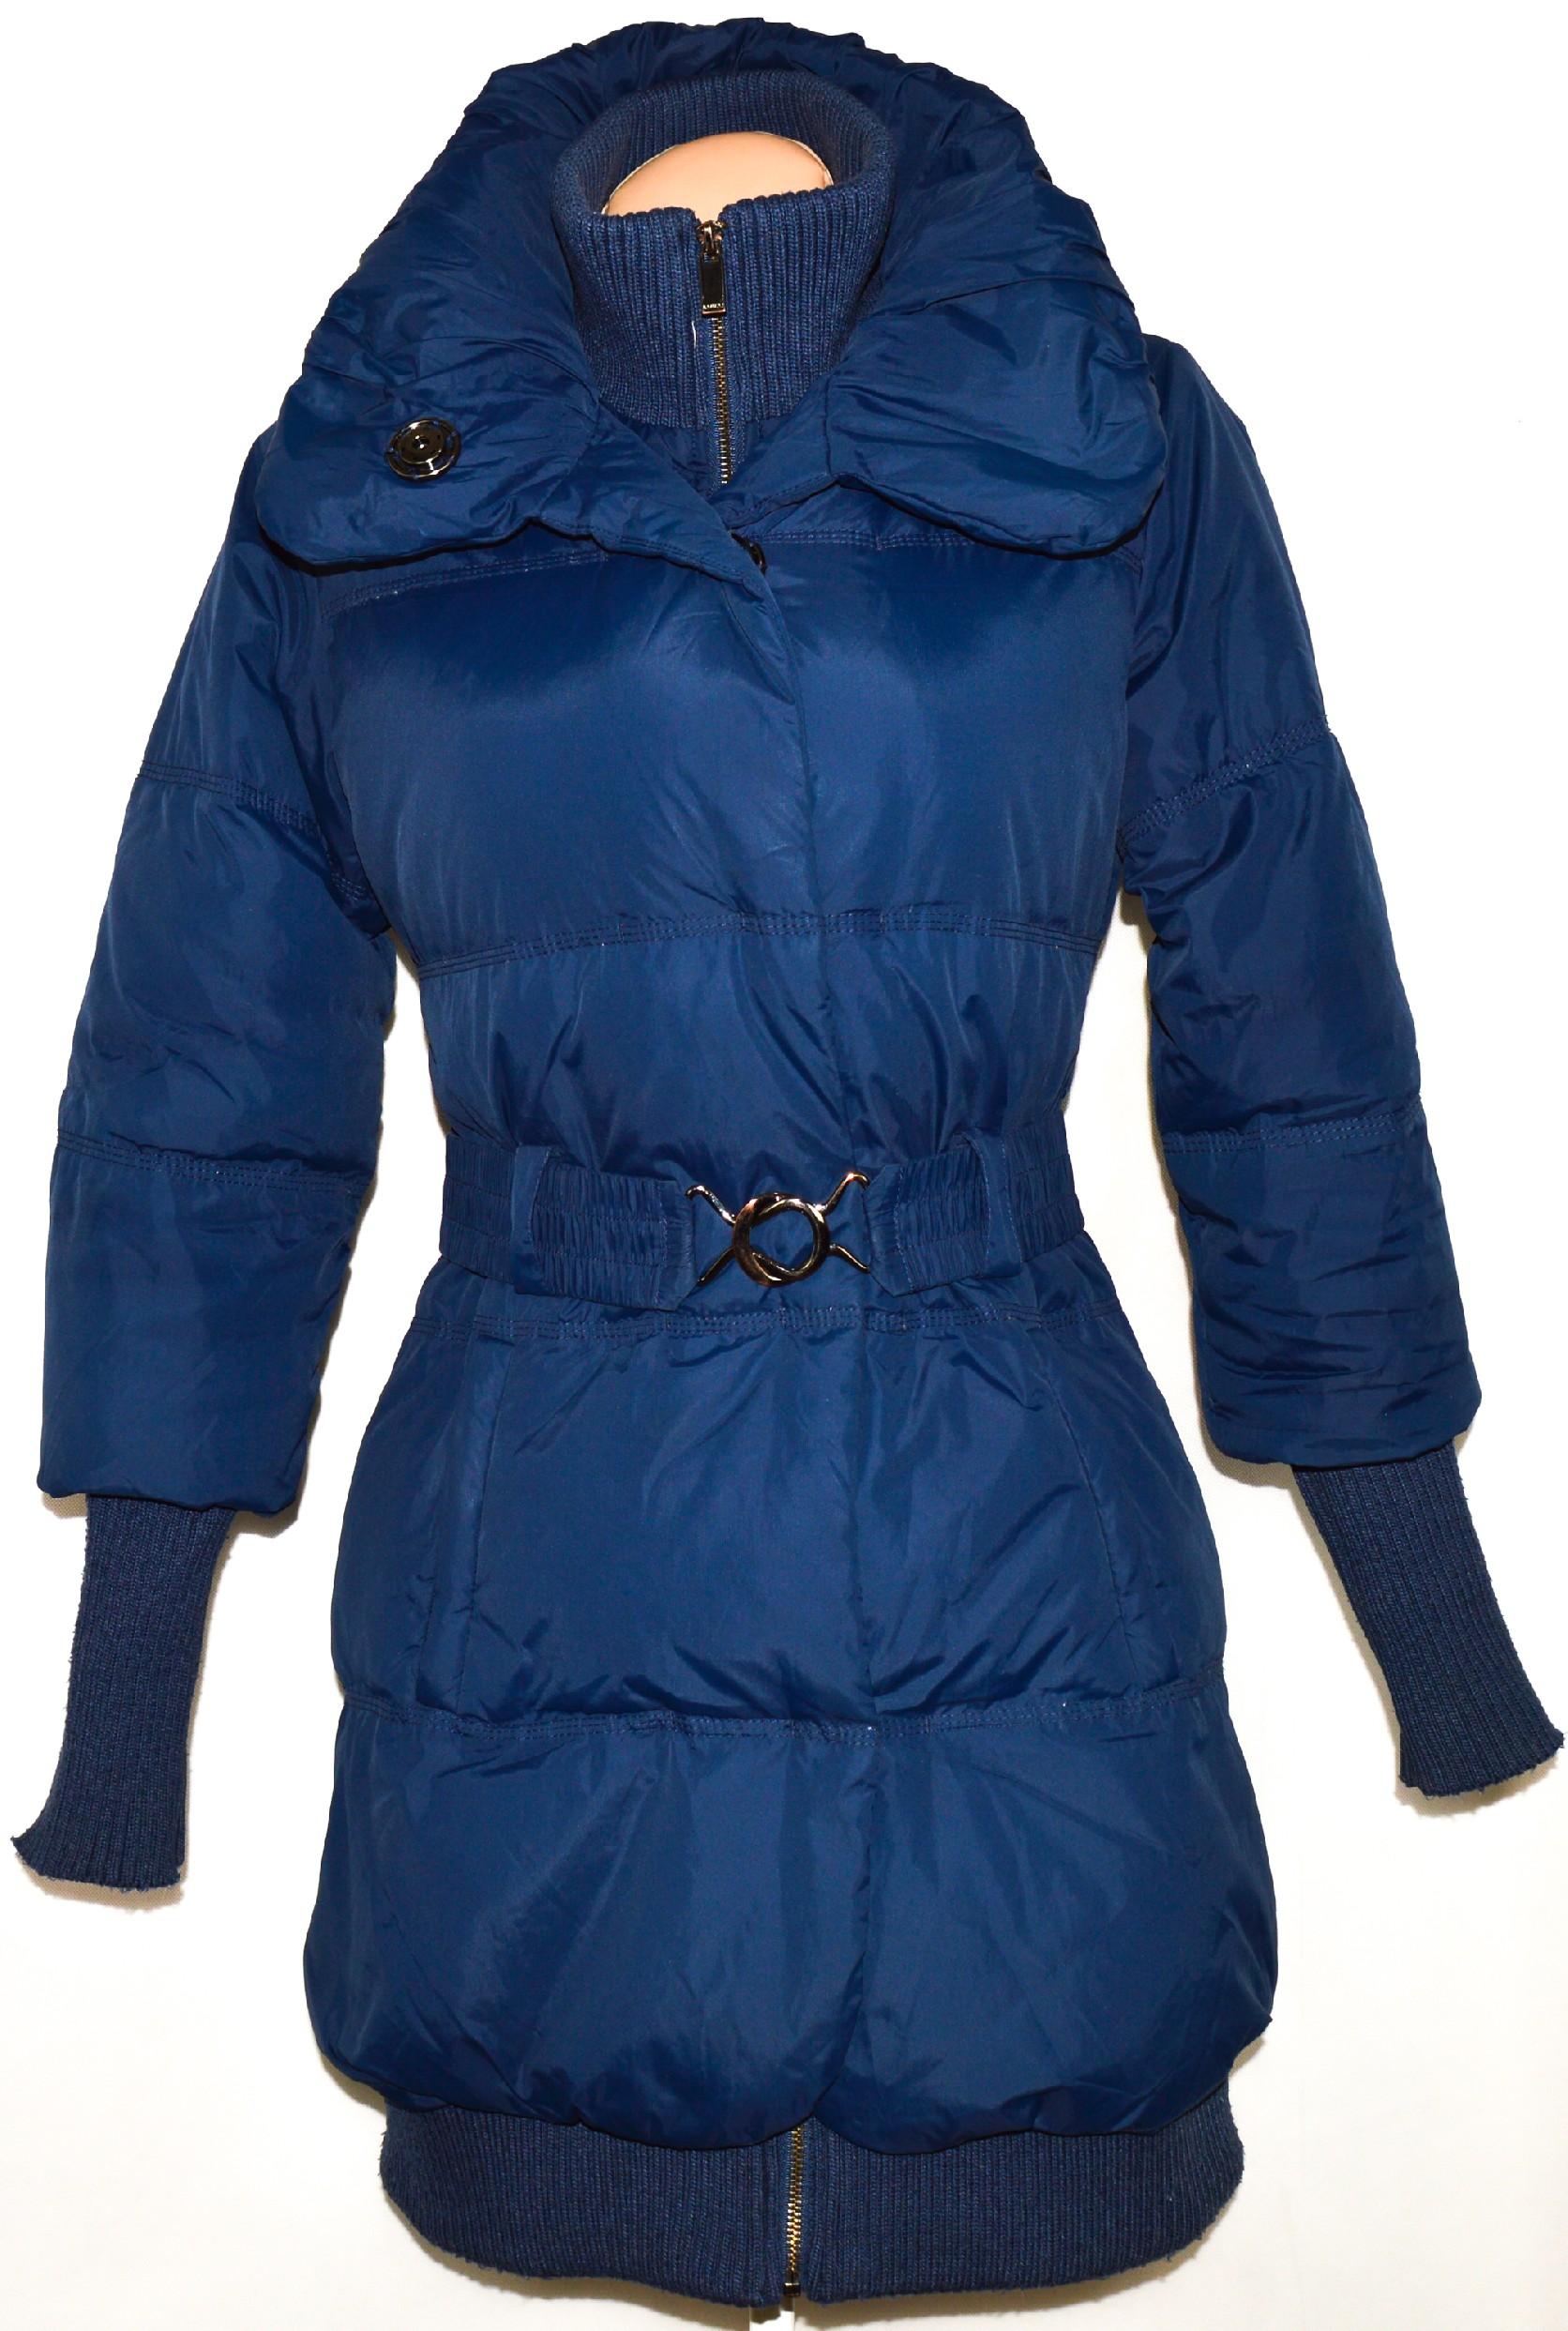 Péřový dámský šusťákový modrý kabát s páskem AMISU 36